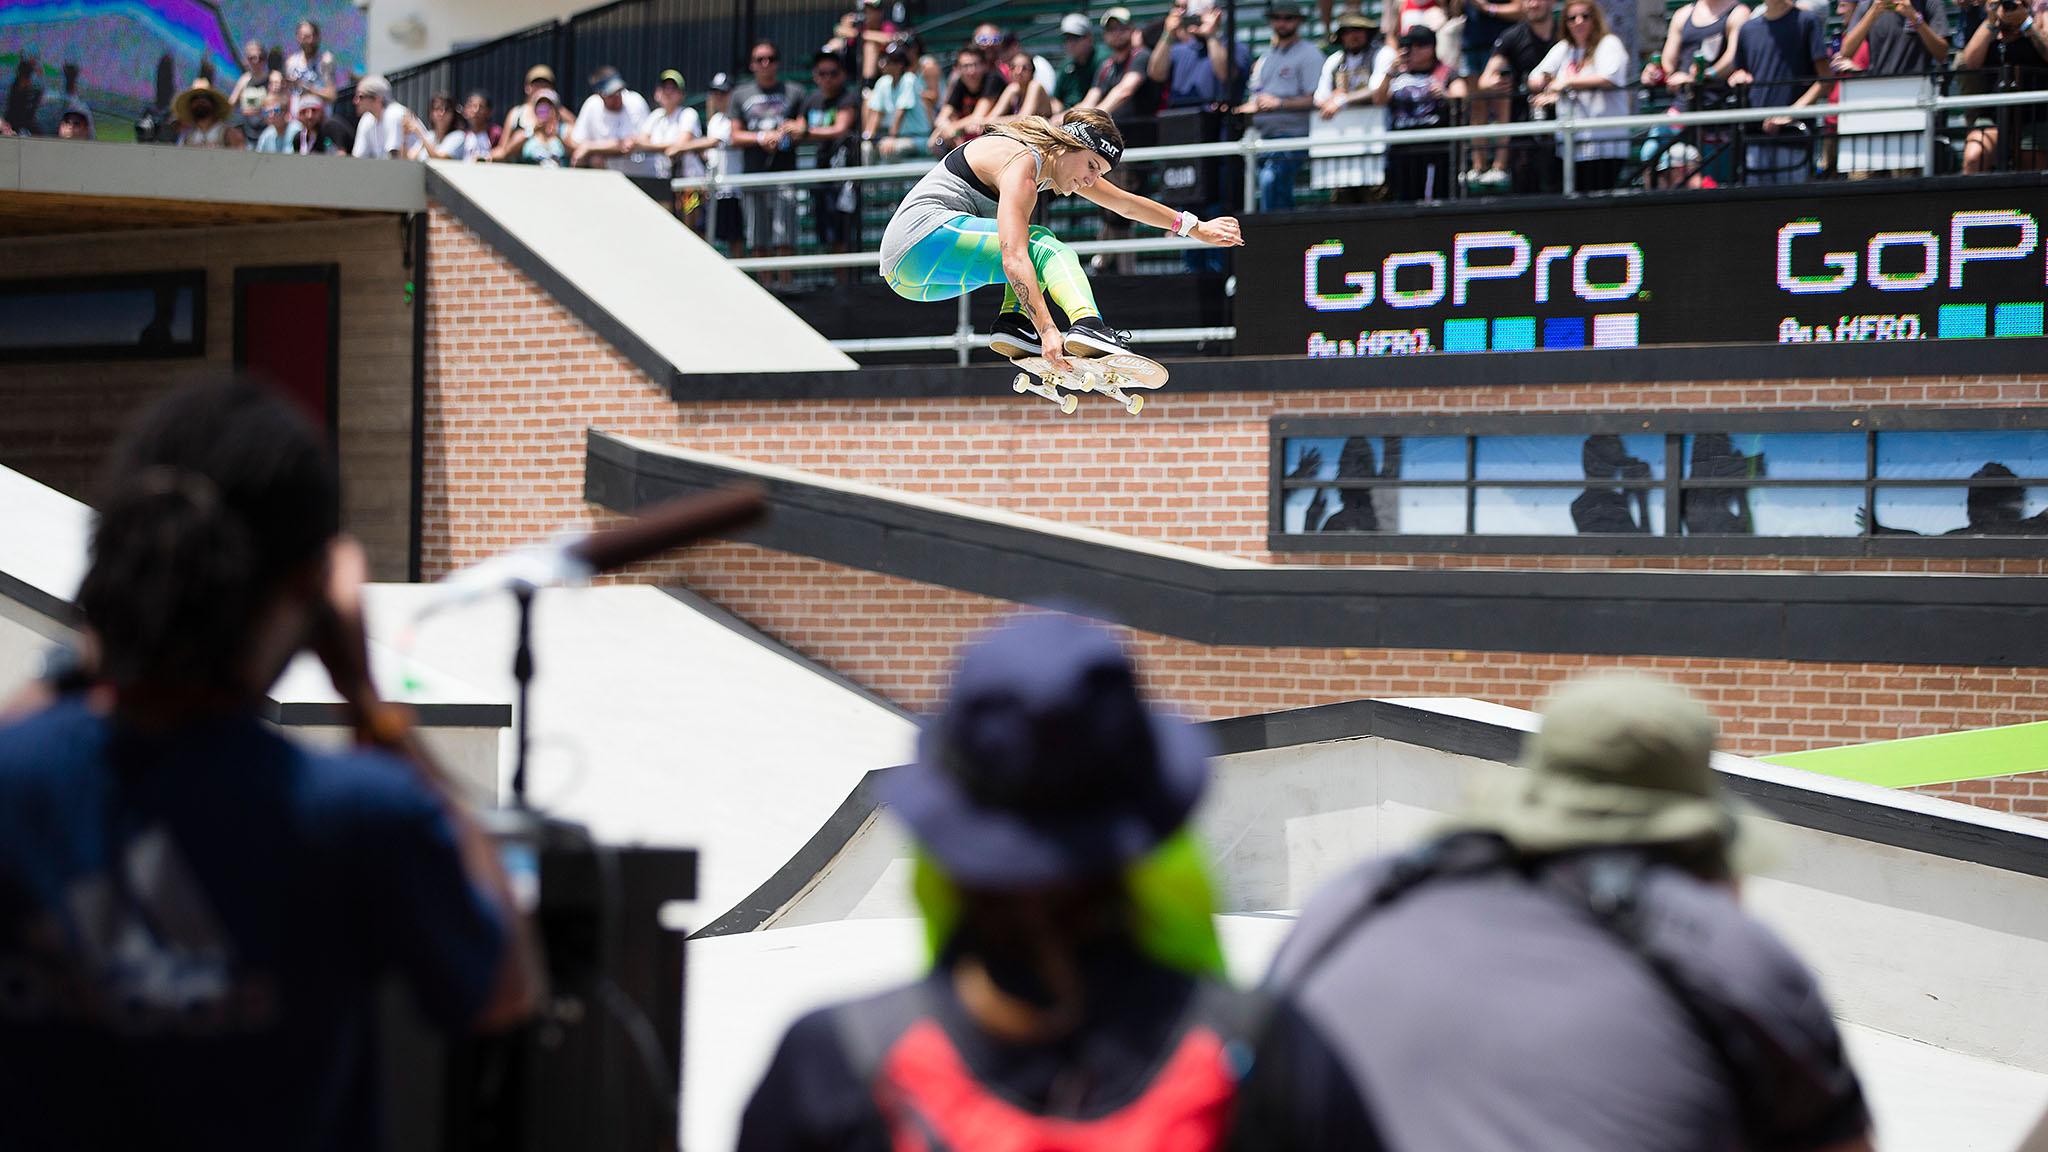 Women's Skateboard Street: Leticia Bufoni